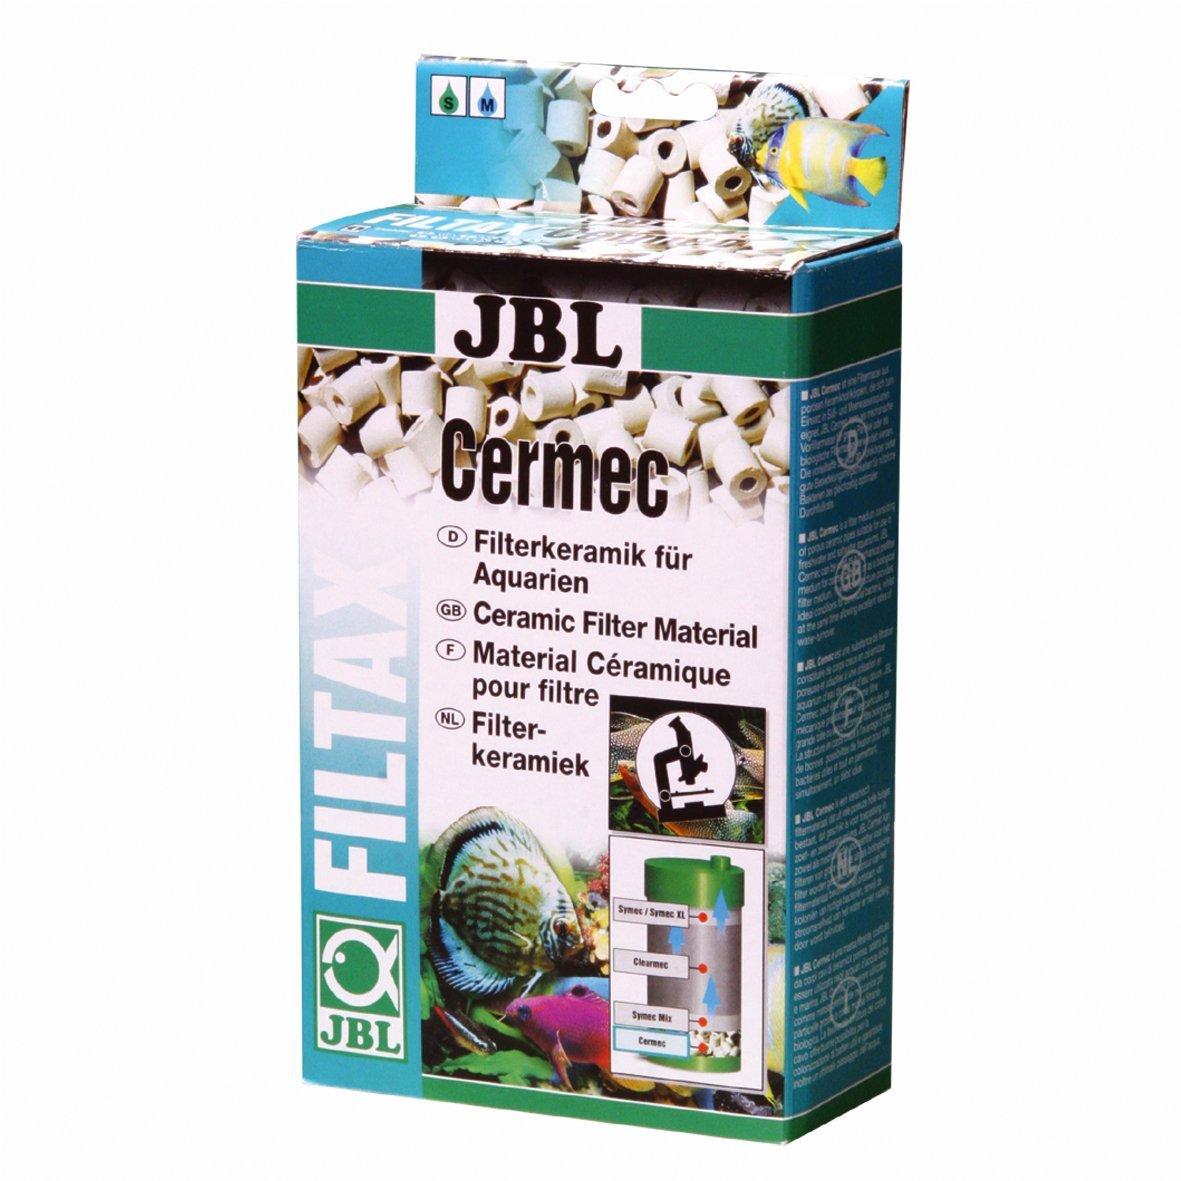 JBL Cermec, Petits tubes filtrants en céramique pour filtre d'aquarium 62387